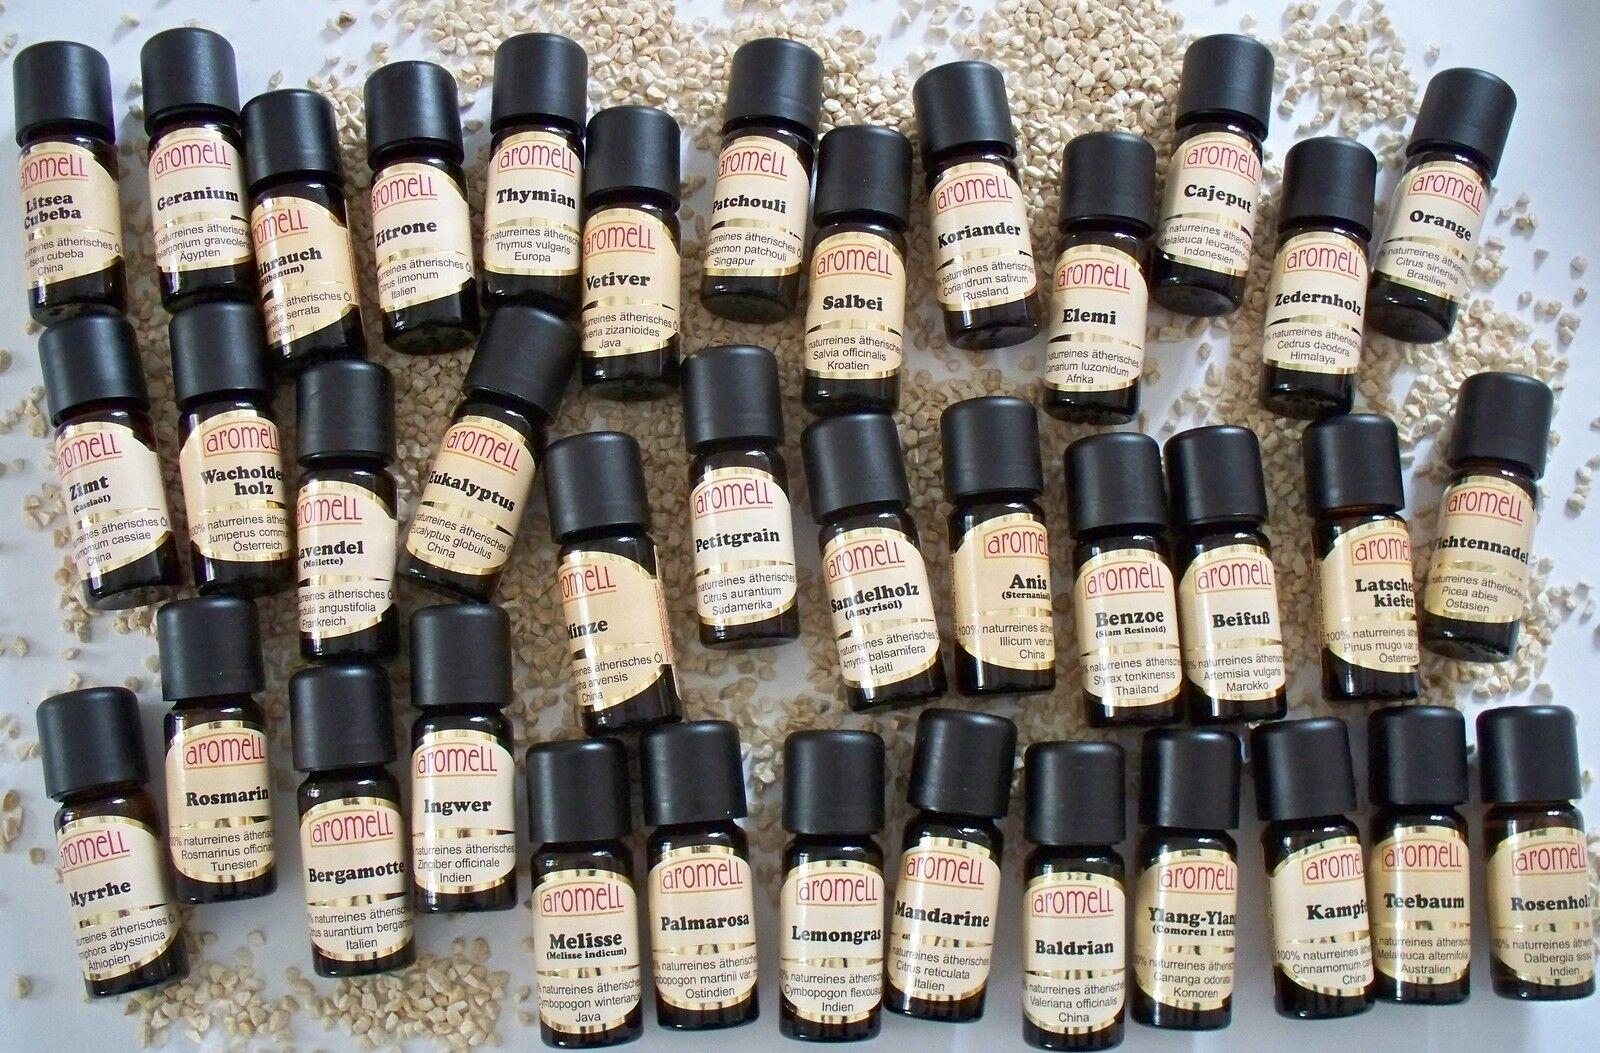 100% Naturreine ätherische Öle ätherisches Öl 65 Sorten! aromell